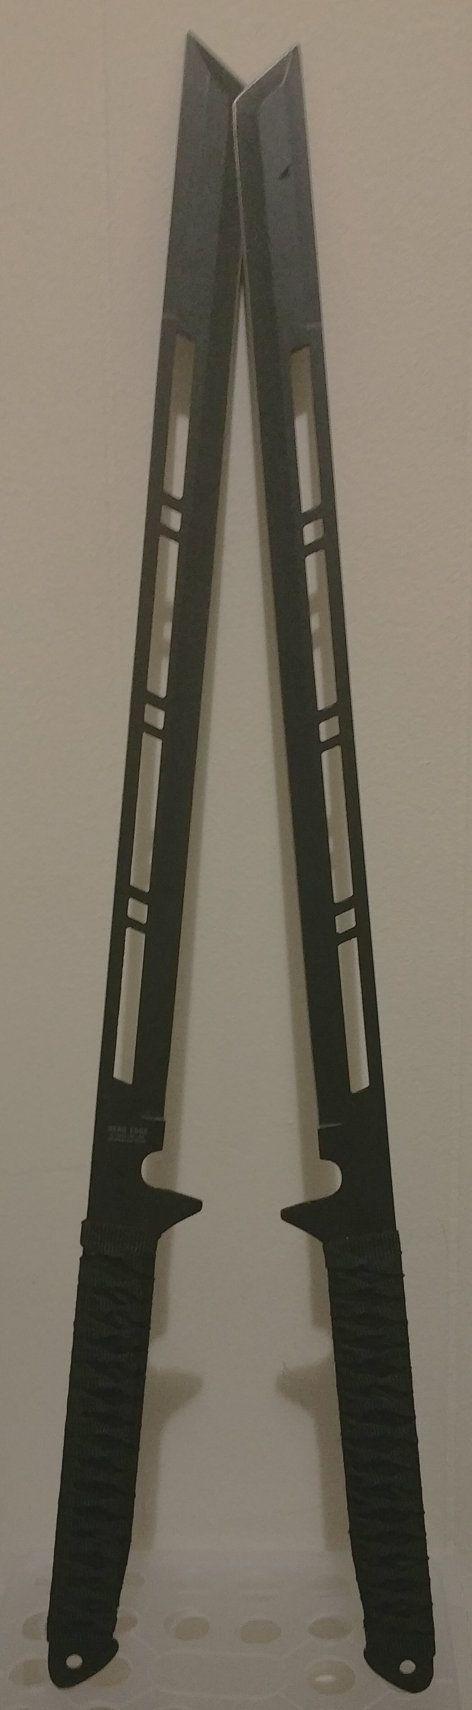 """Set of 2 Handmade Samurai Warrior Ninja 27"""" Katana sword Made of Razor sharp 440 Stainless steel blade"""